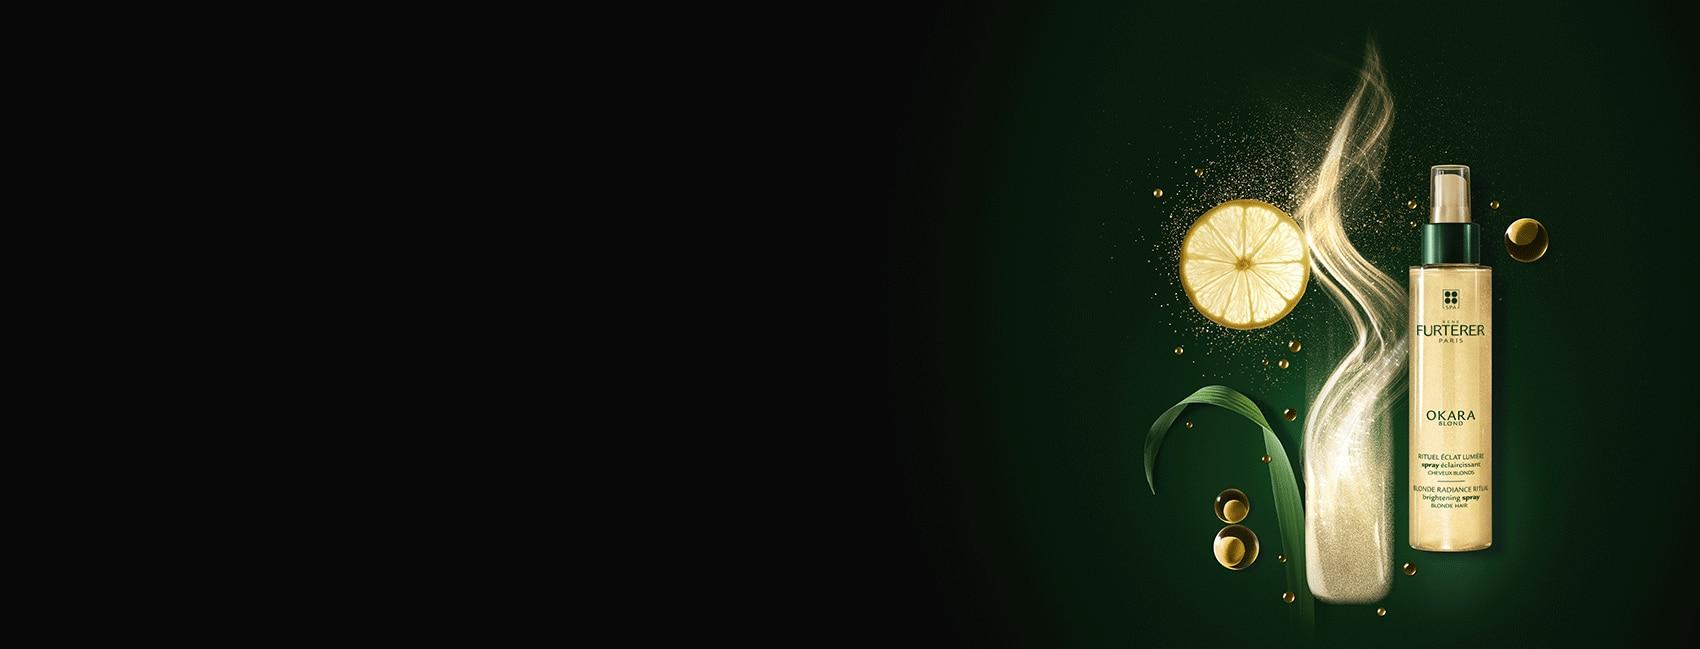 OKARA BLOND - Rituale luminosità splendente - Capelli biondi naturali, con meches o colorati| René Furterer